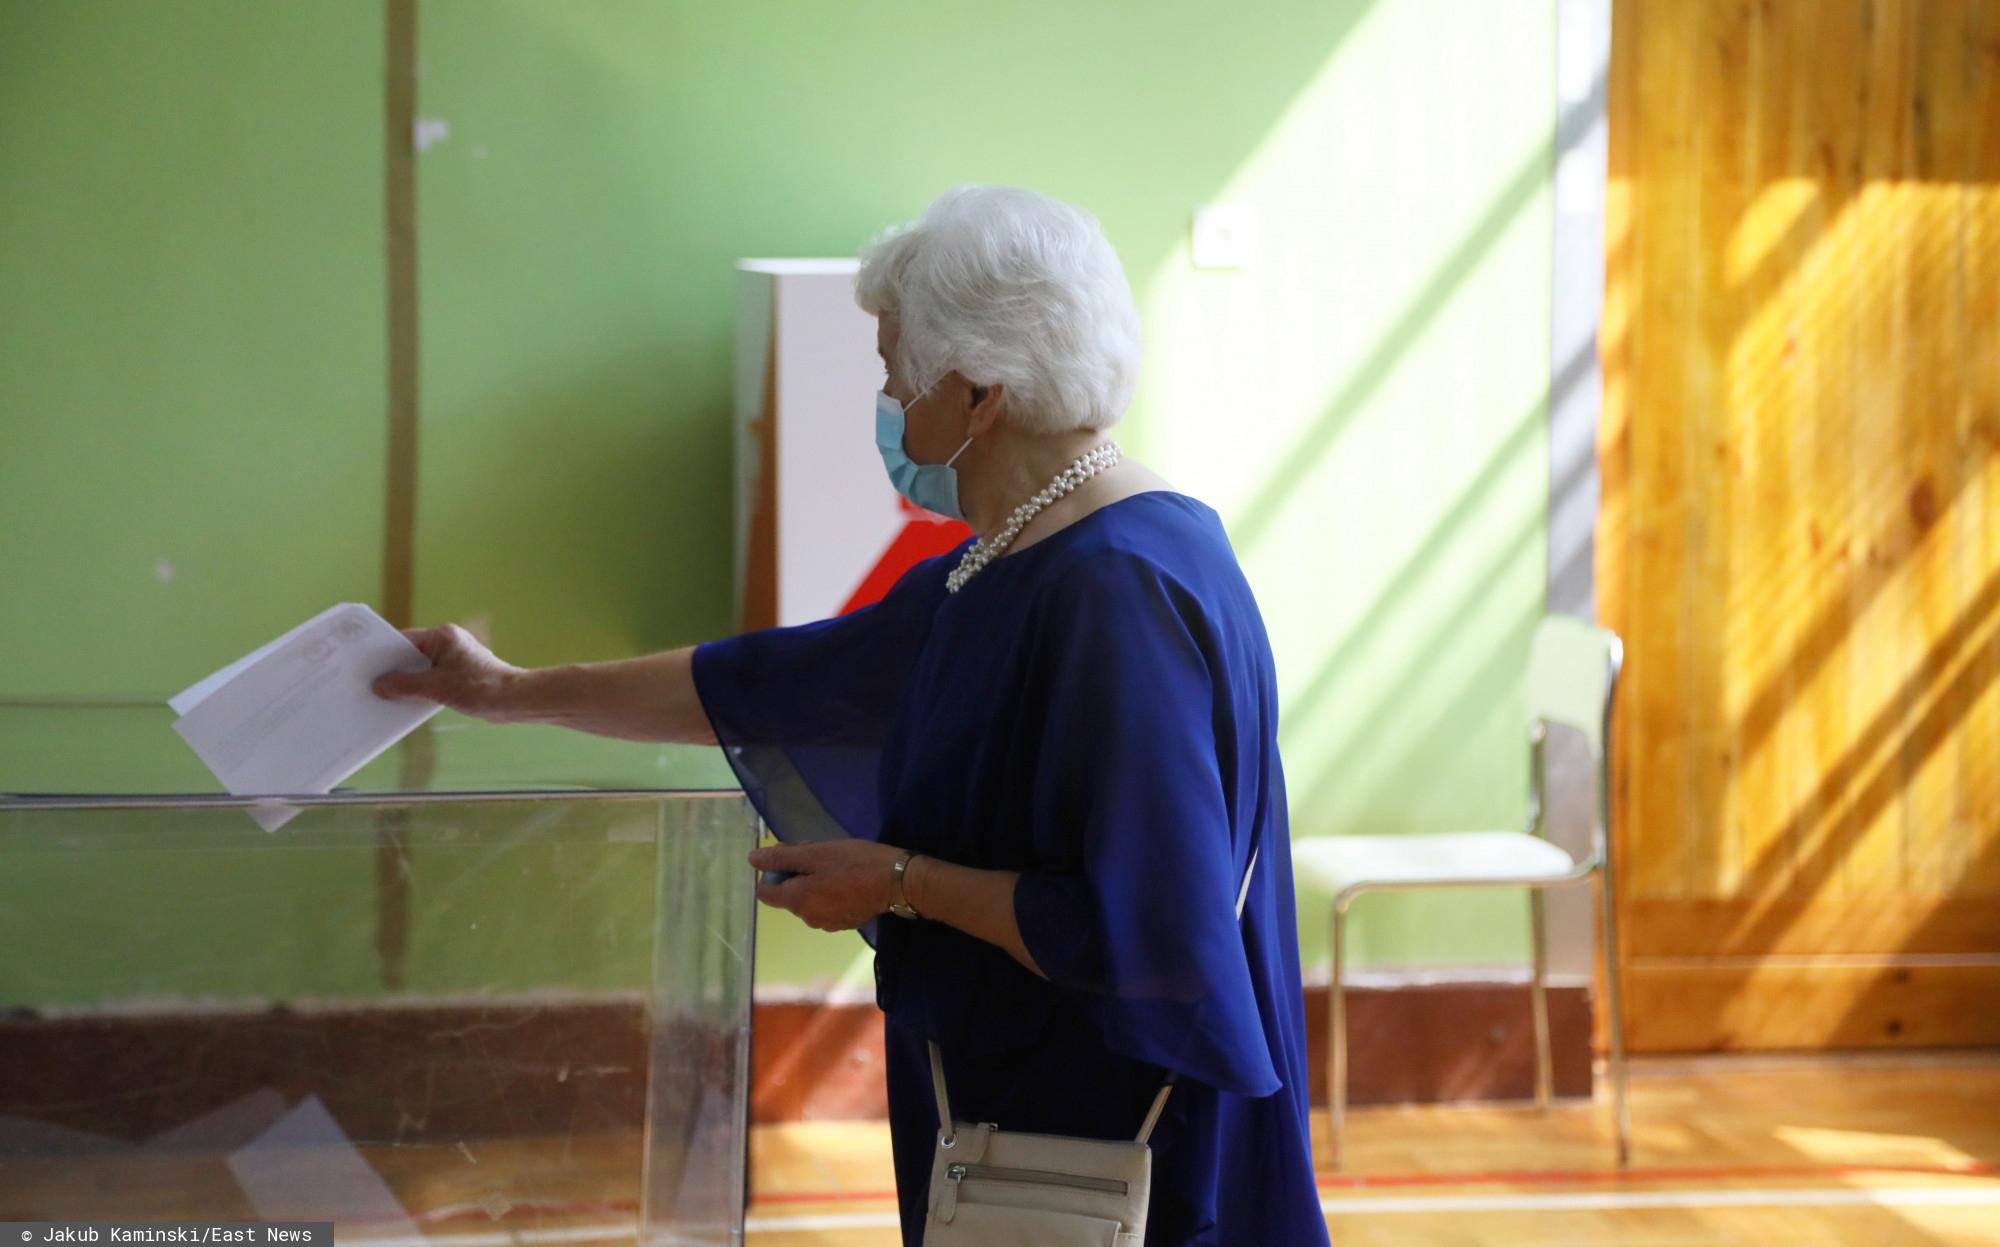 Czy będziesz głosować w drugiej turze wyborów prezydenckich?